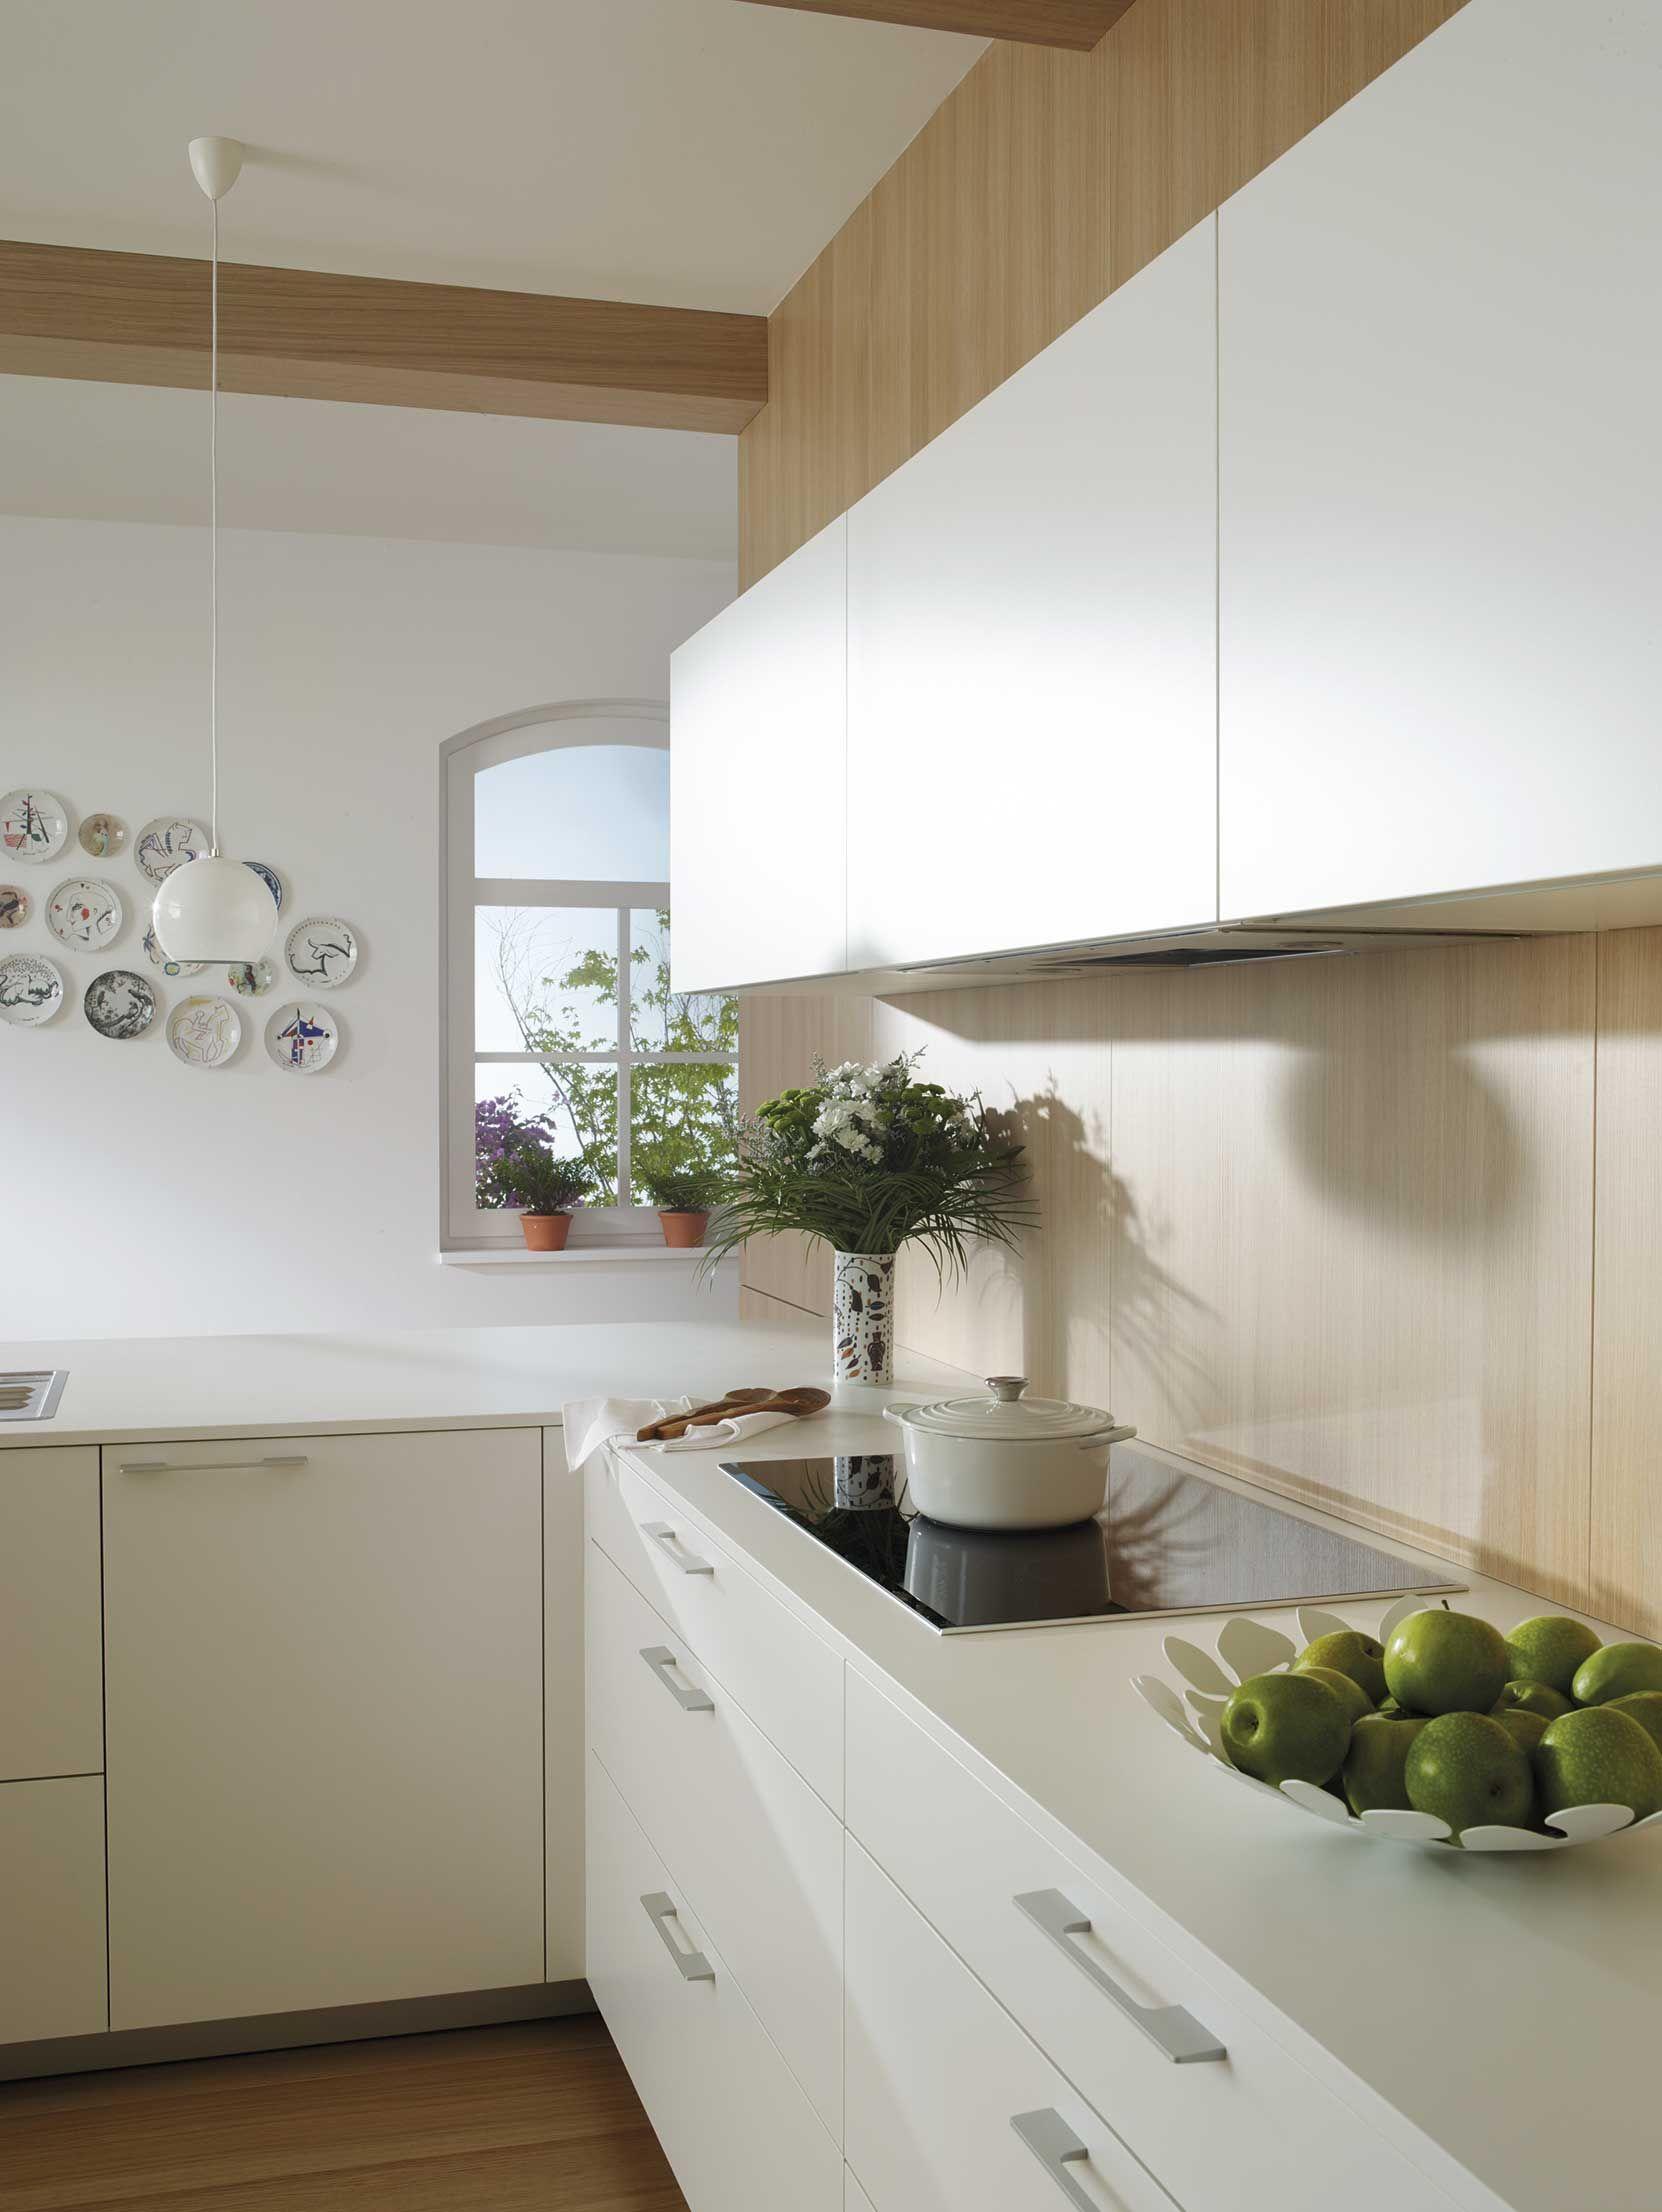 Amplia Colecci N De Acabados De Muebles De Cocina De Dise O  # Muebles Riego De La Vega